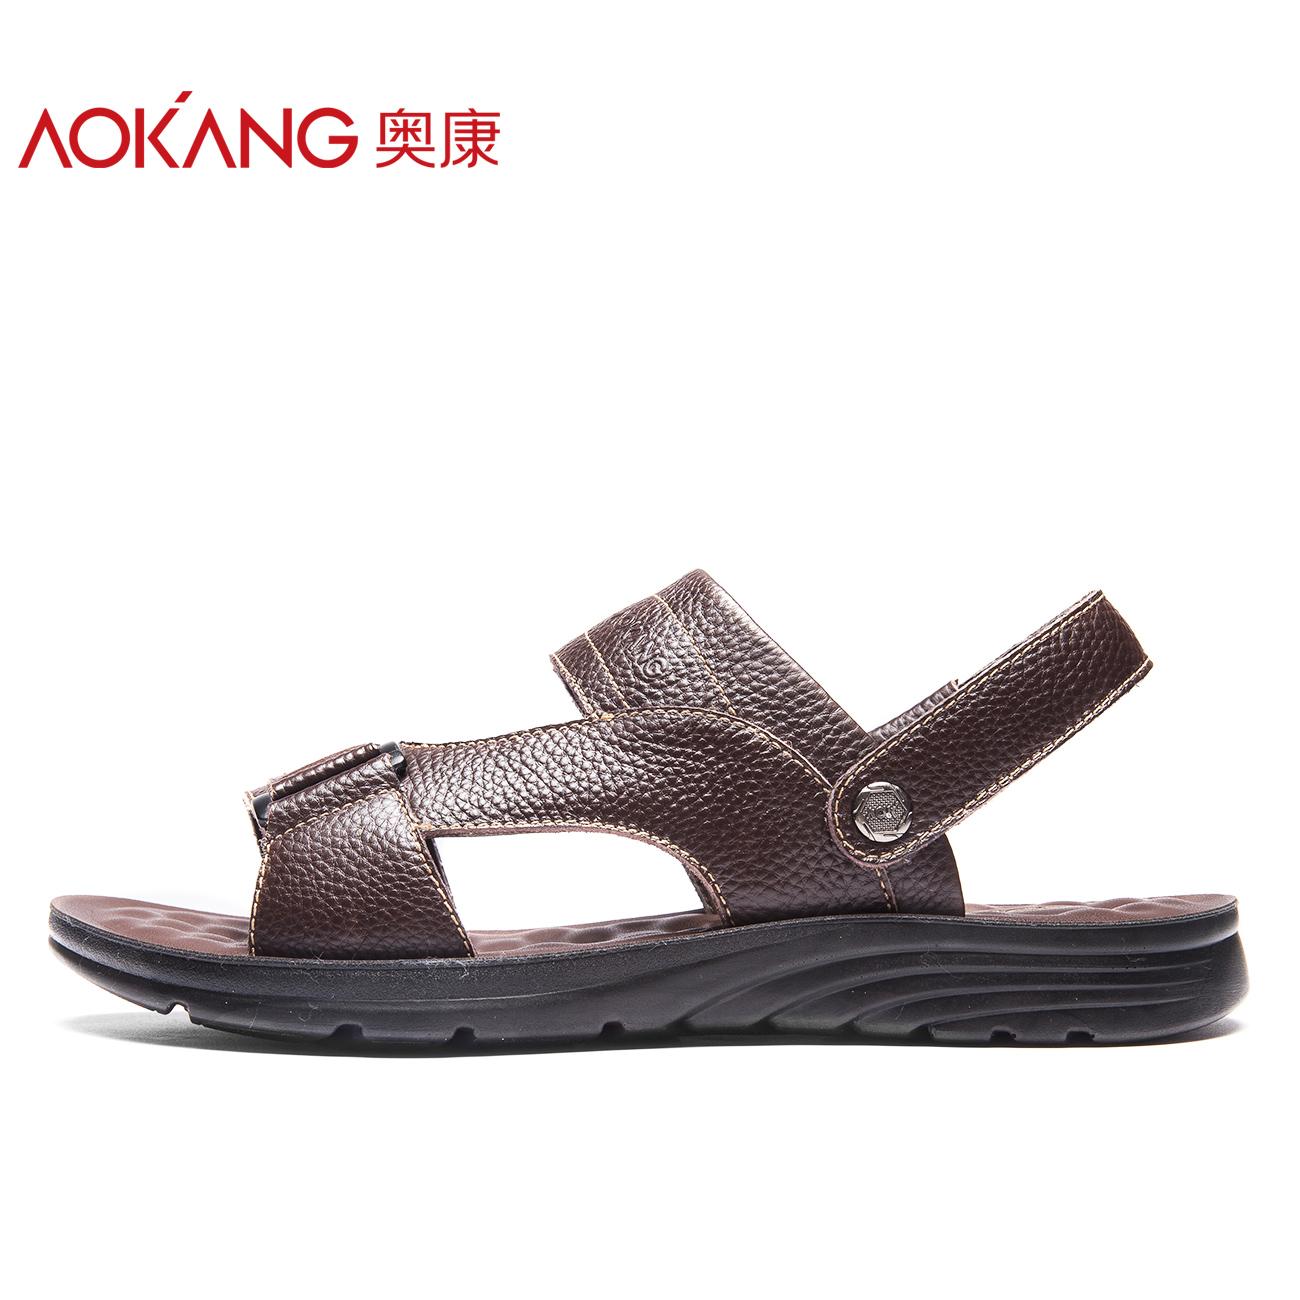 透气舒适沙滩鞋男鞋 男士夏季真皮沙滩鞋两穿休闲凉拖鞋 奥康凉鞋